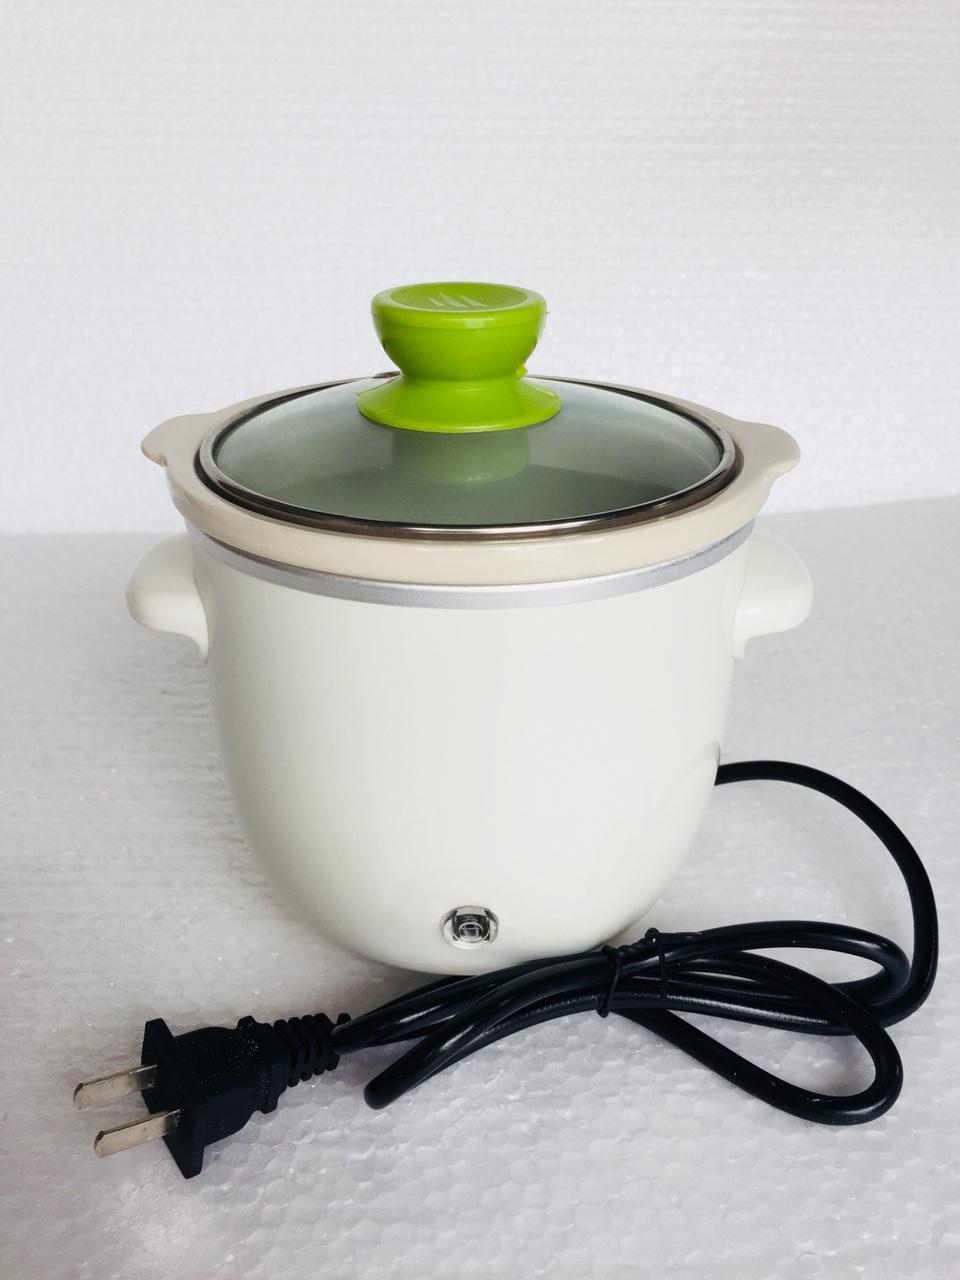 Hình ảnh Nồi Chưng Yến, Tiềm, Nấu Cháo, Soup ....0,7 lít.